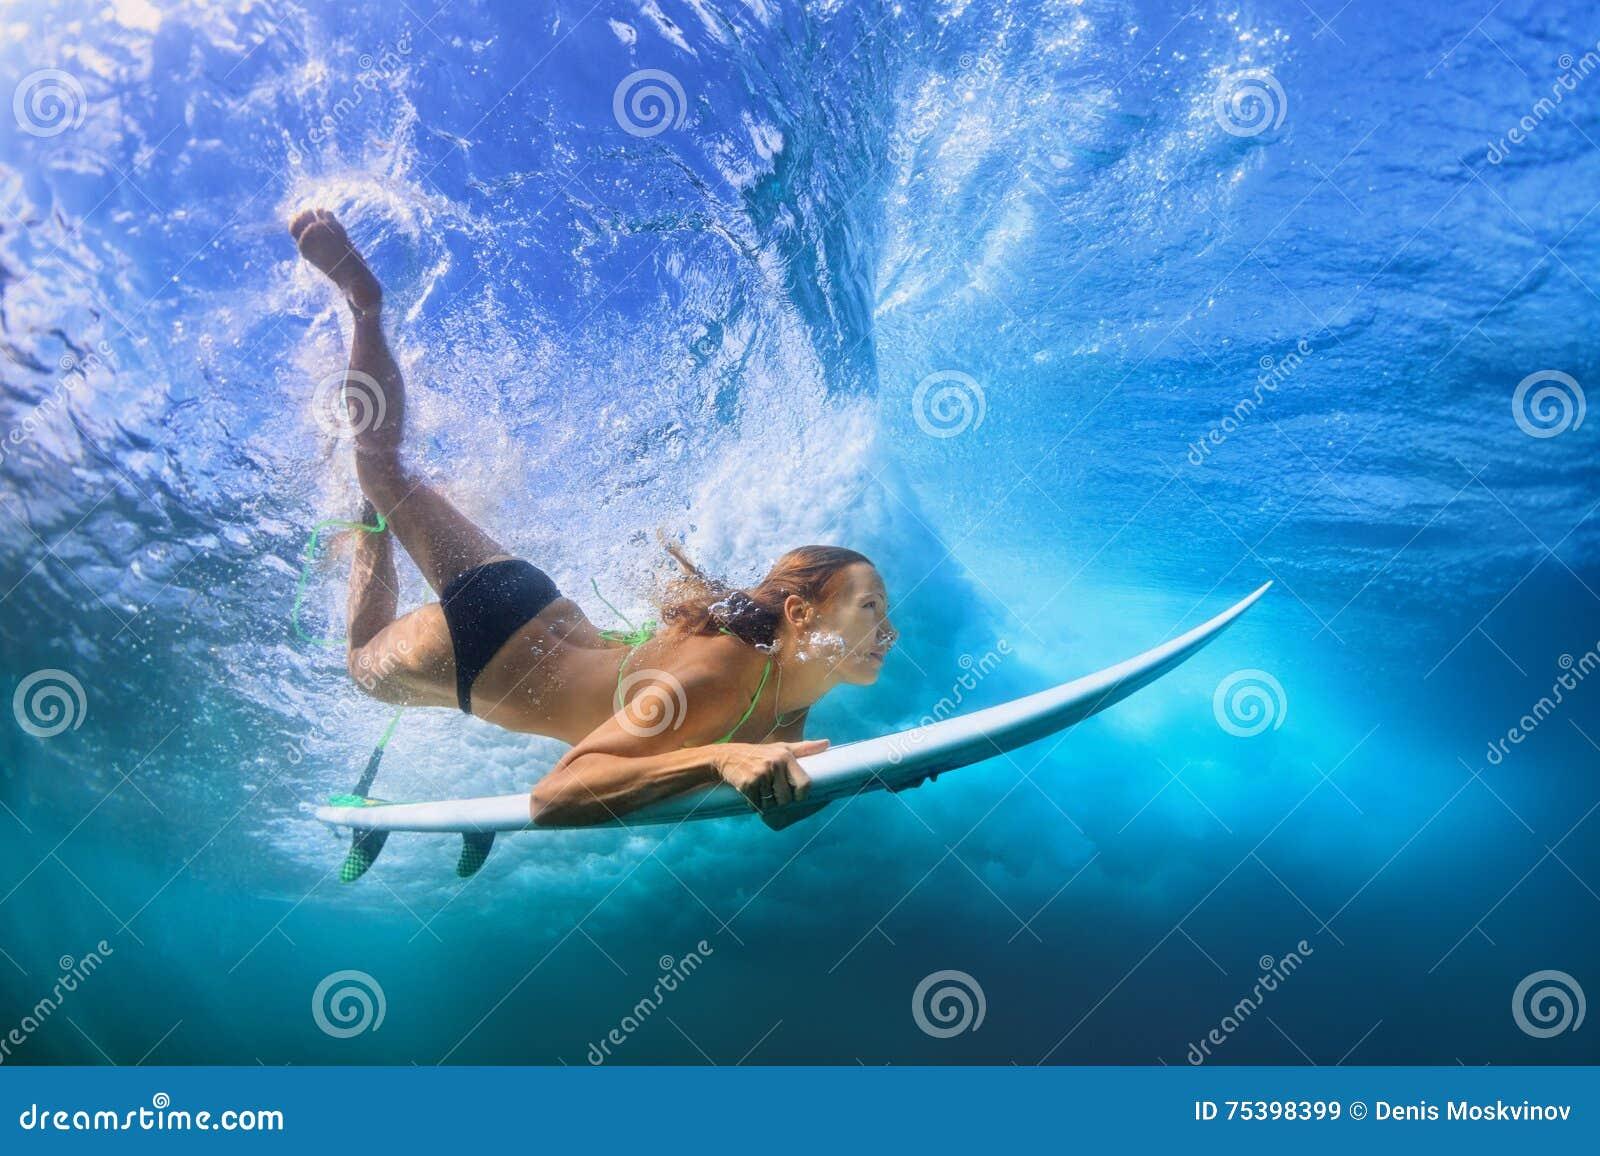 Mergulho bonito da menina do surfista sob a água com placa de ressaca